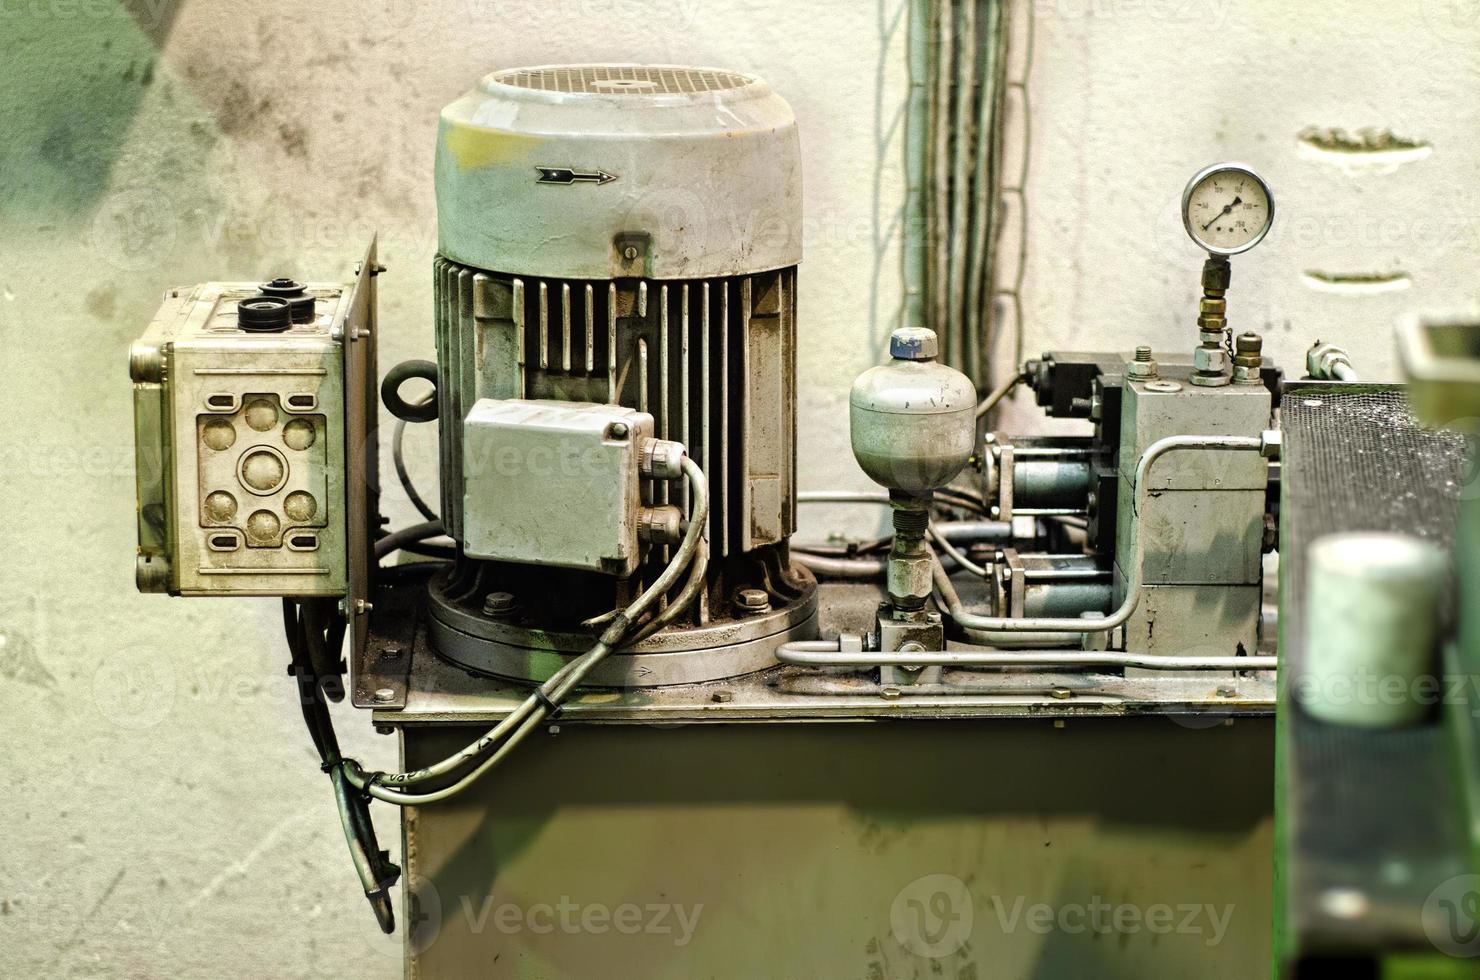 moteur électrique industriel triphasé photo